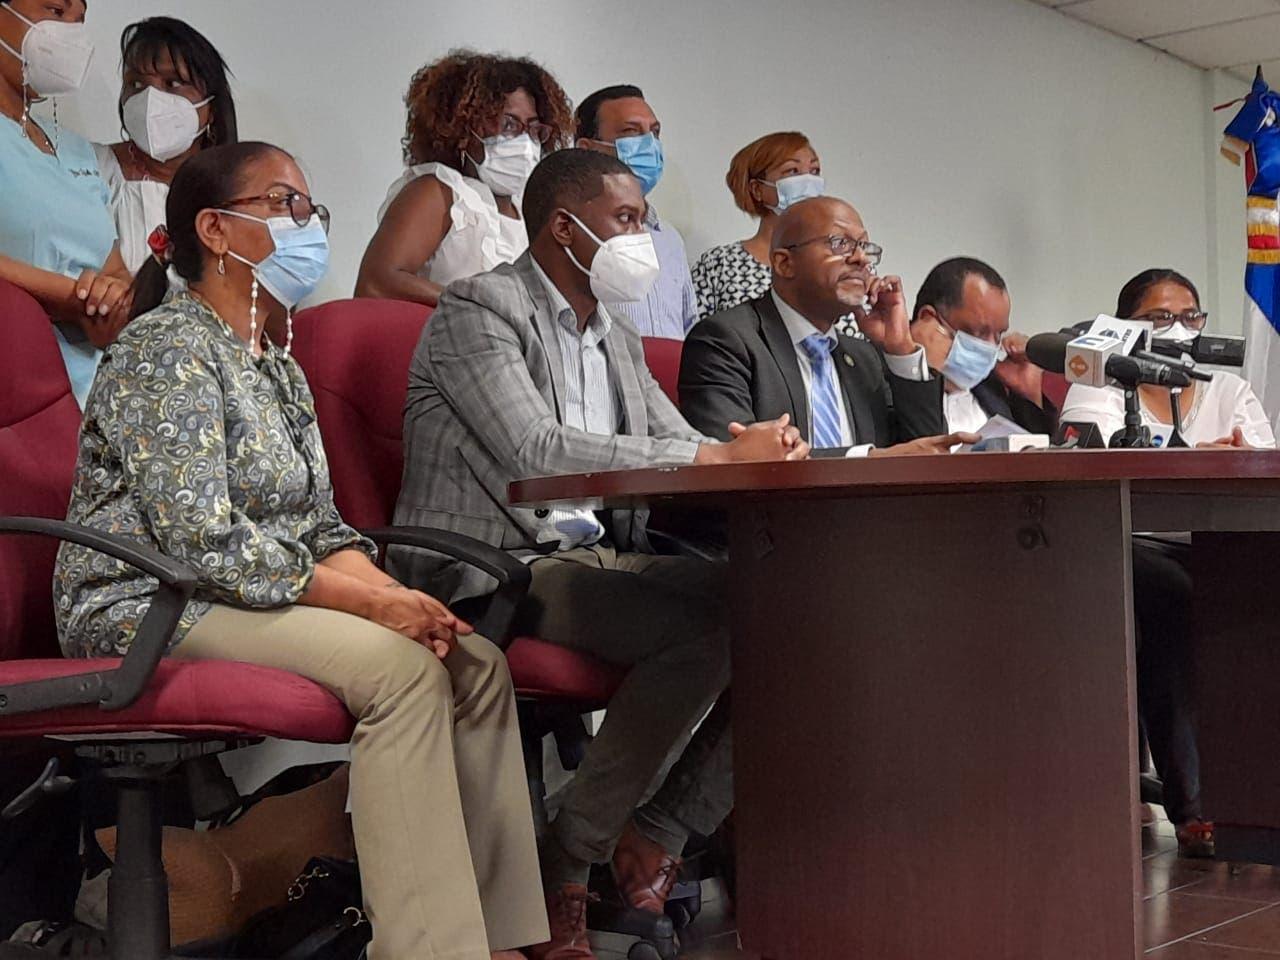 Regional del Distrito del CMD denuncia irregularidades en cuatro hospitales